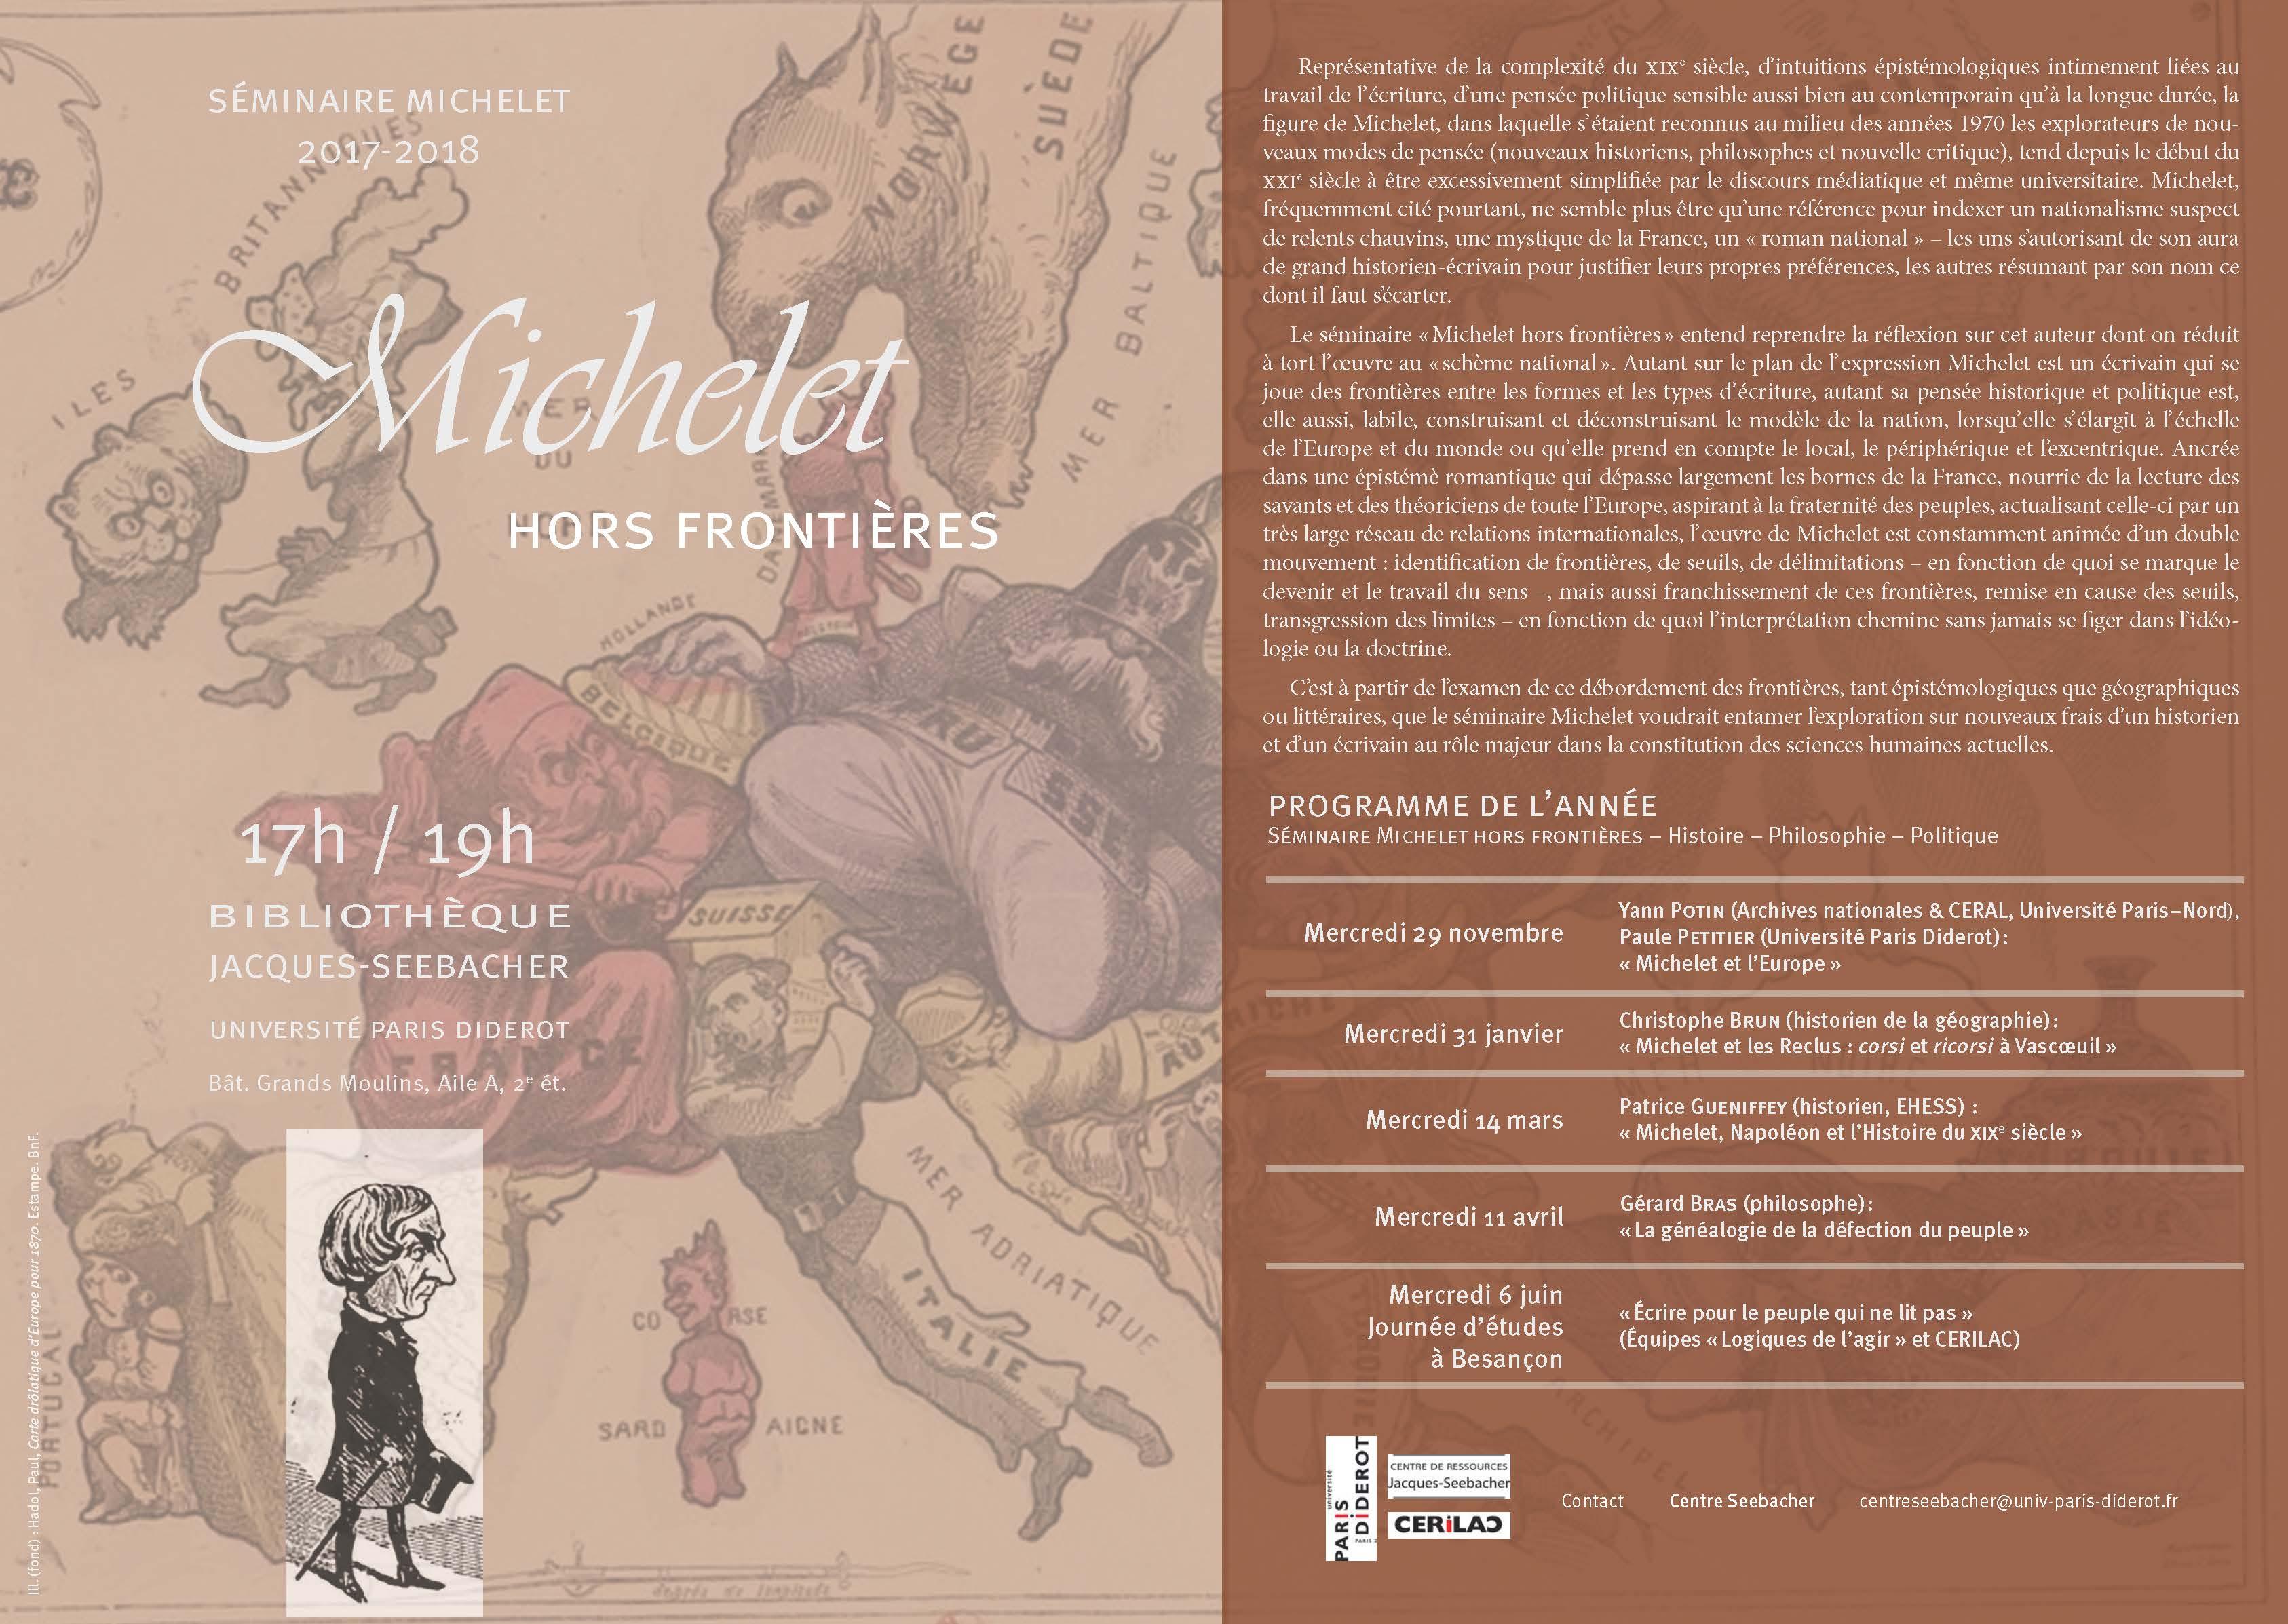 Séminaire Michelet 2017-2018